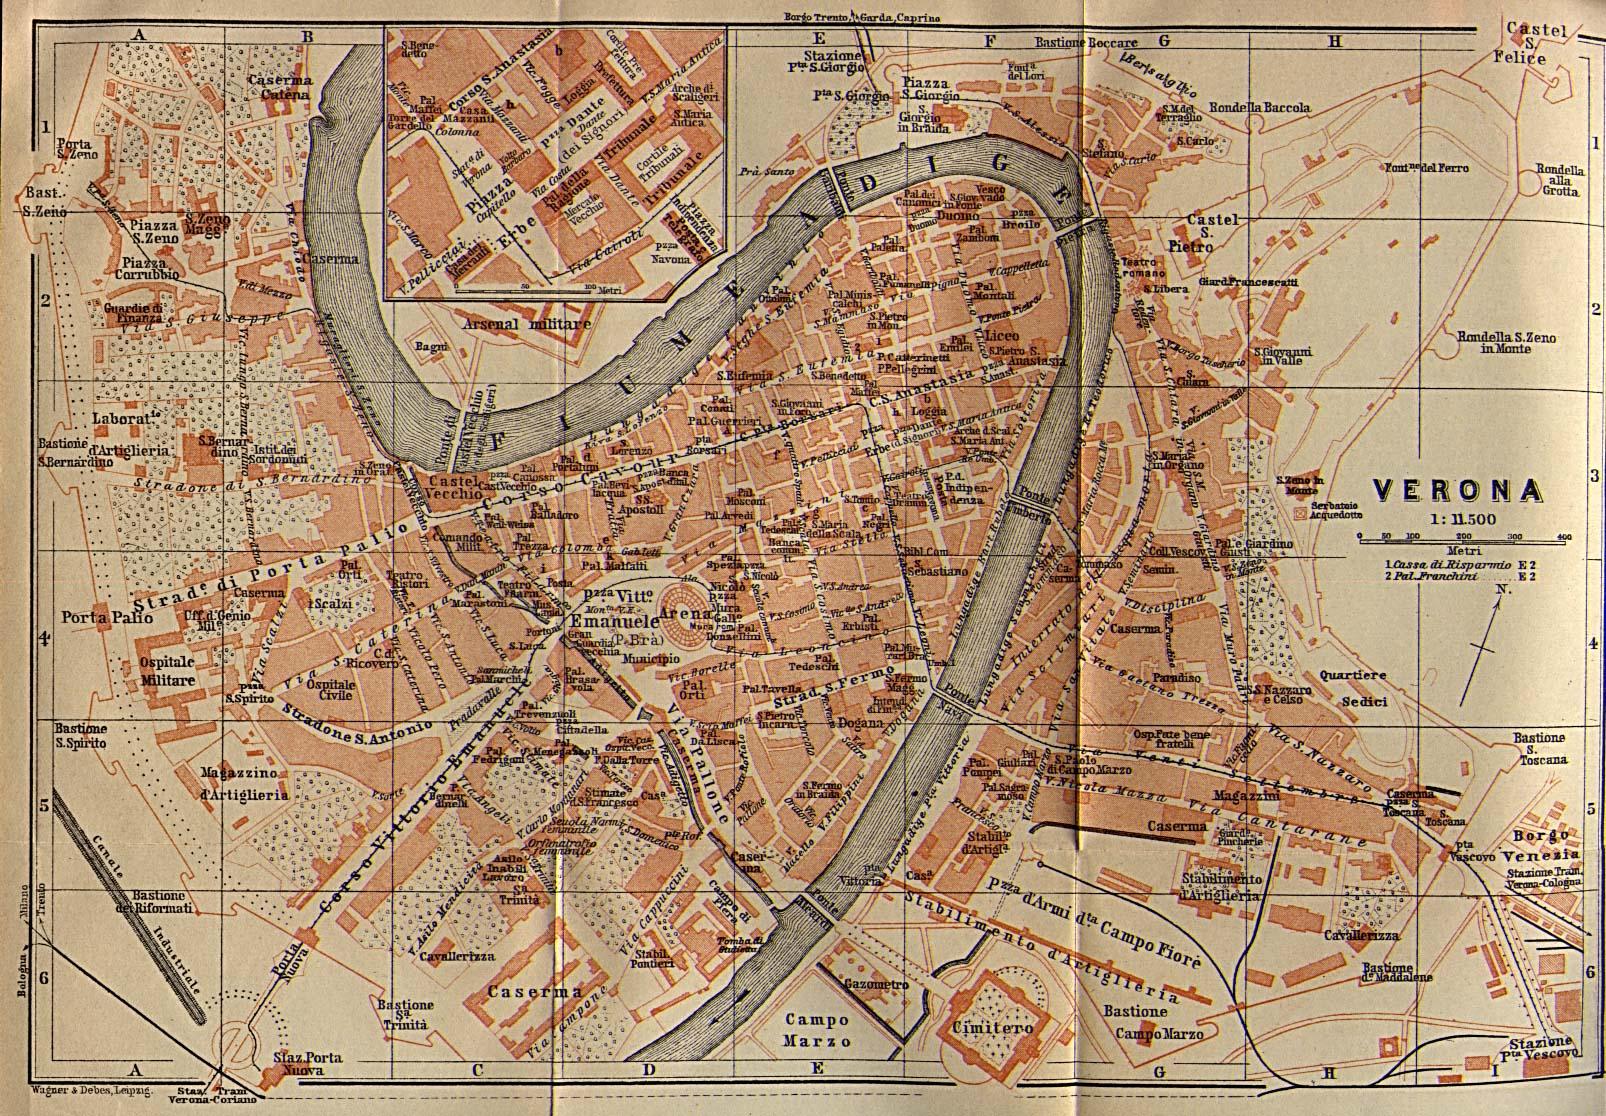 Mapa de la Ciudad de Verona, Italia 1913